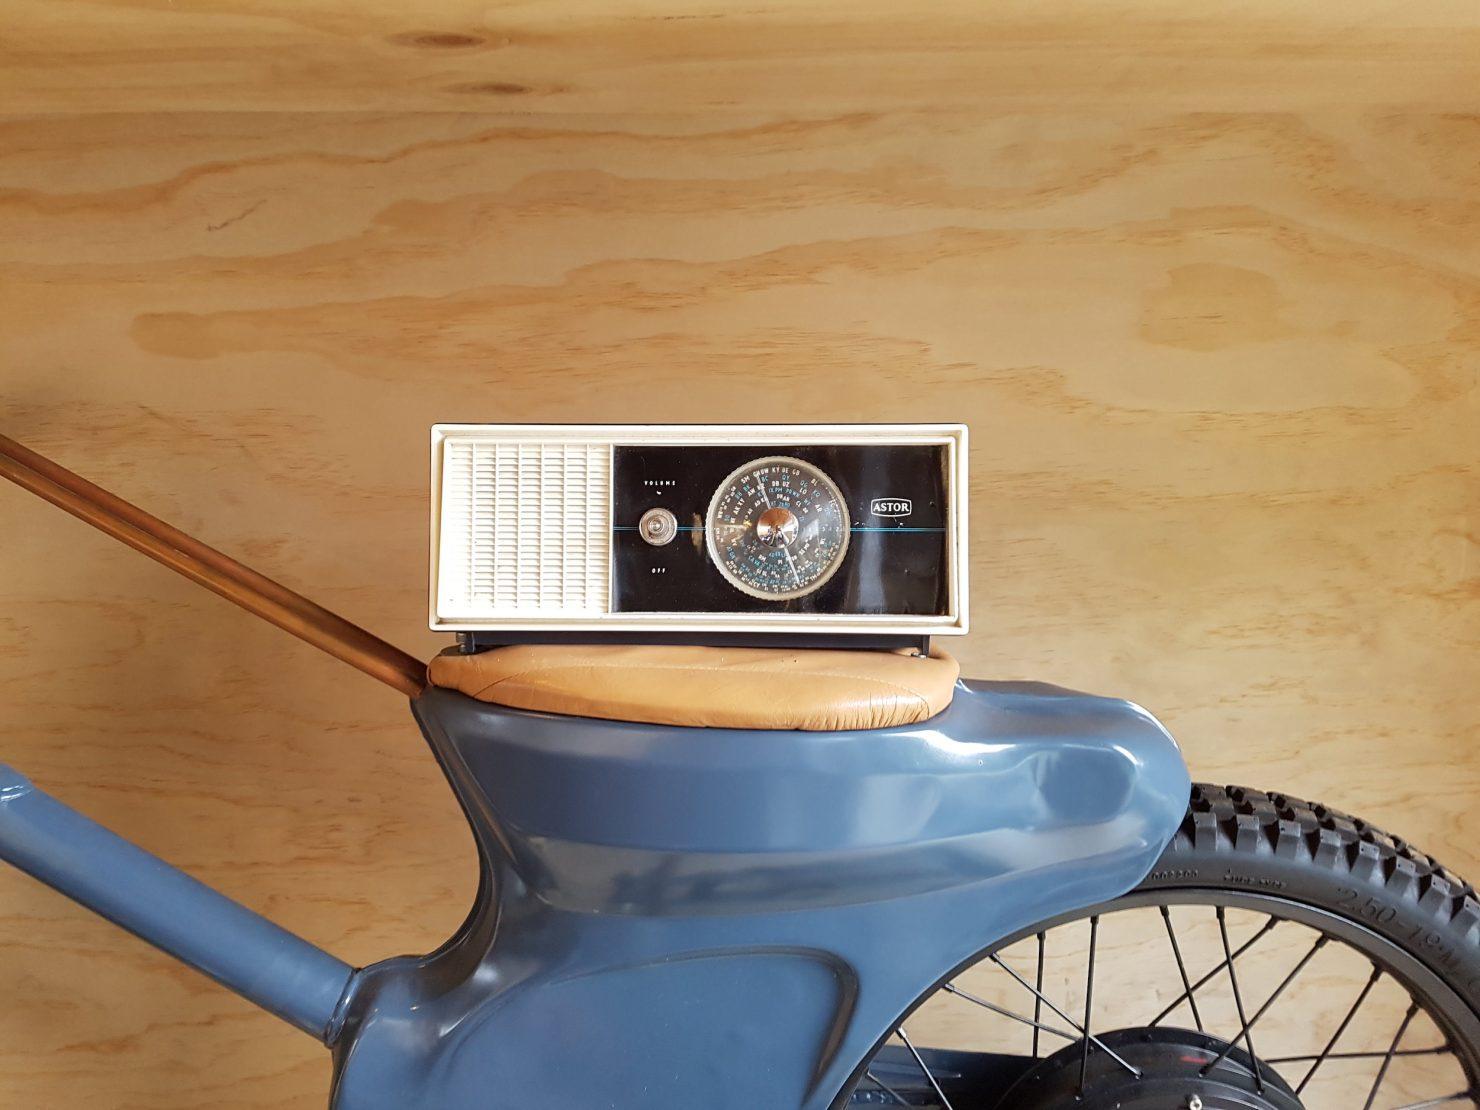 Boe Vintage Radio Bluetooth Speakers 2 1480x1110 - Boe Vintage Radio Bluetooth Speakers